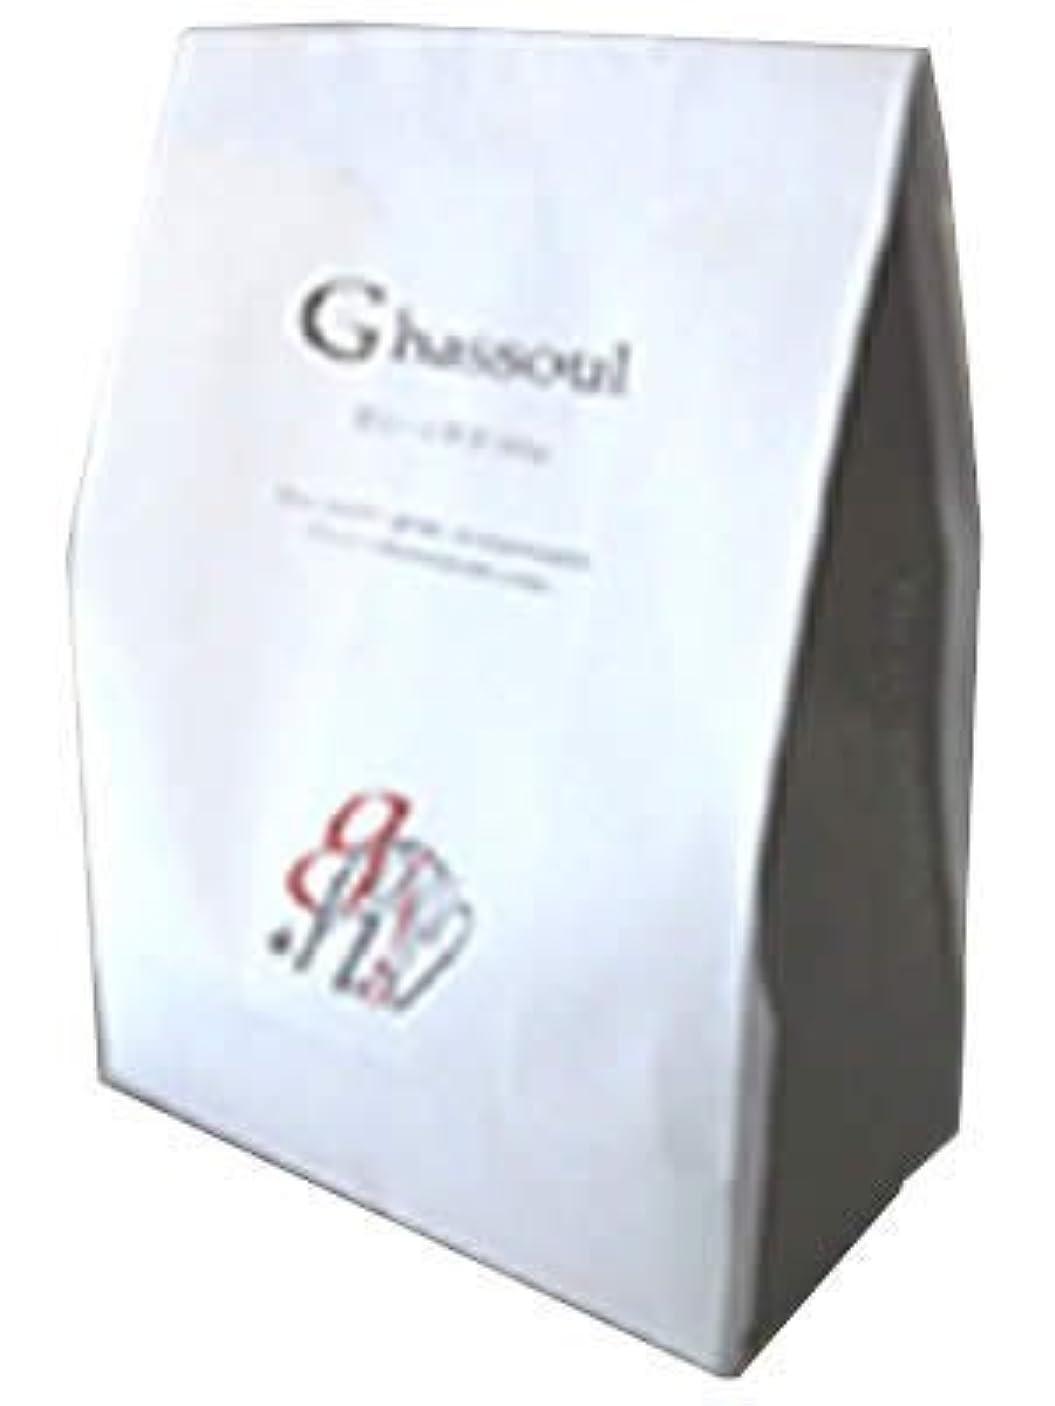 オーバードロー征服するシマウマナイアード ガスール固形(タブレット)タイプ 500g